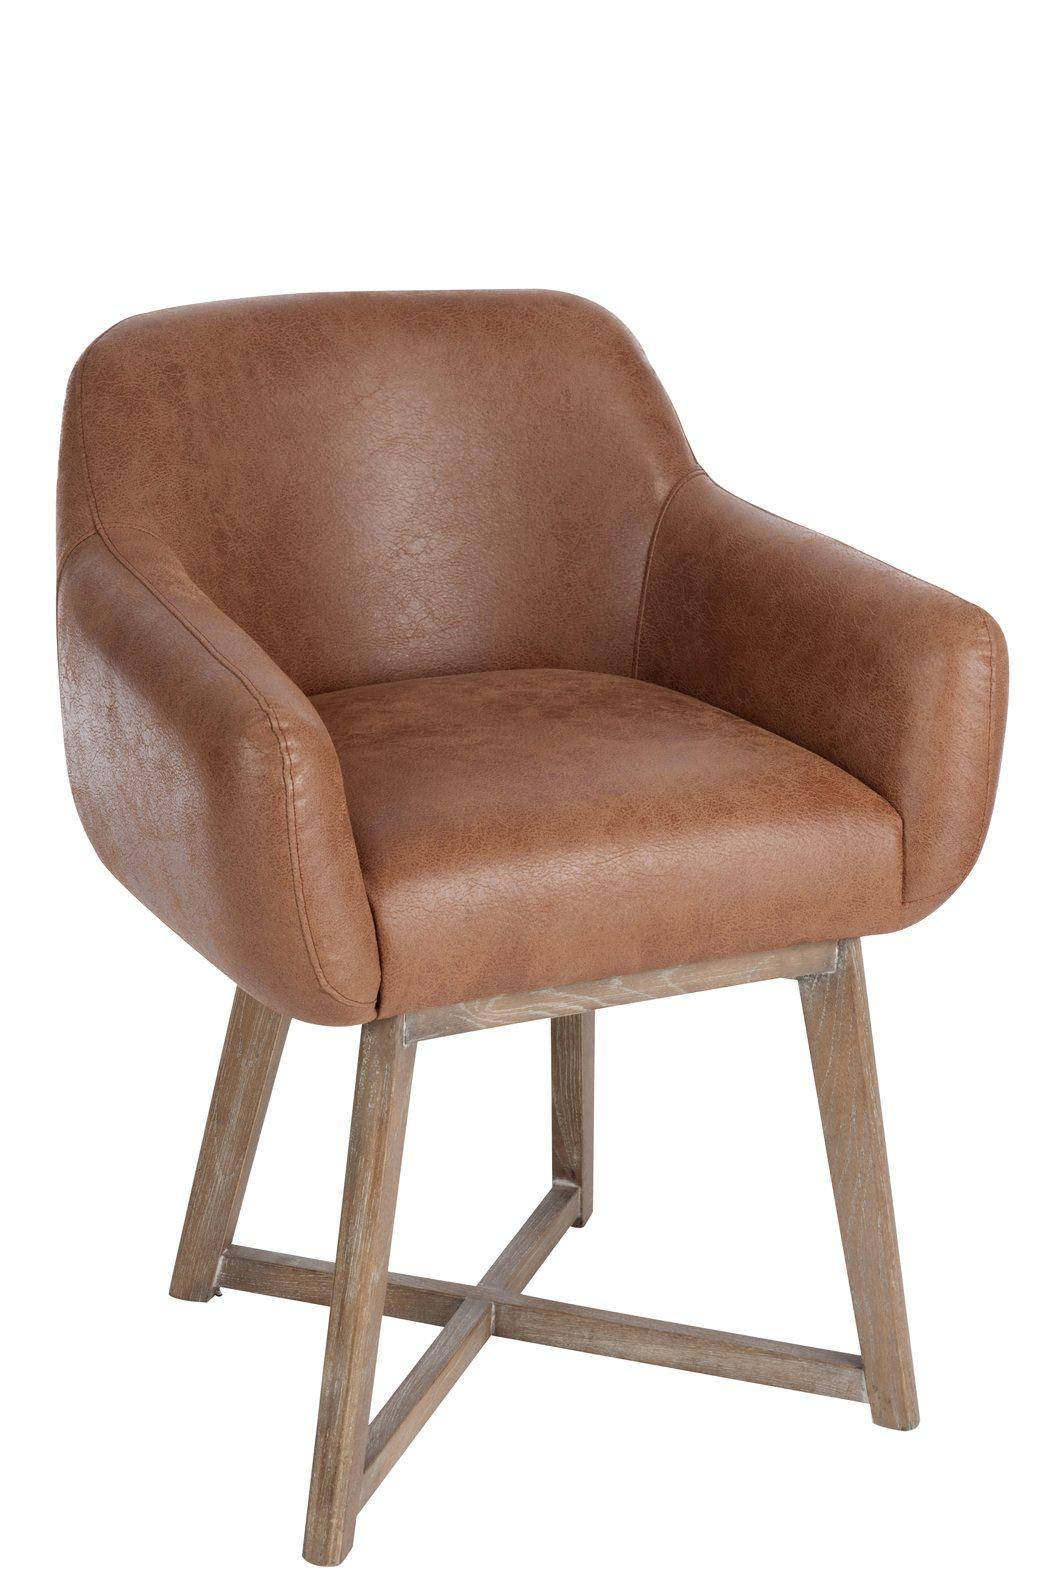 Chaise croix cuir marron 62x56x77cm   Produits décoration design intérieur    Pinterest f3e7eda85256